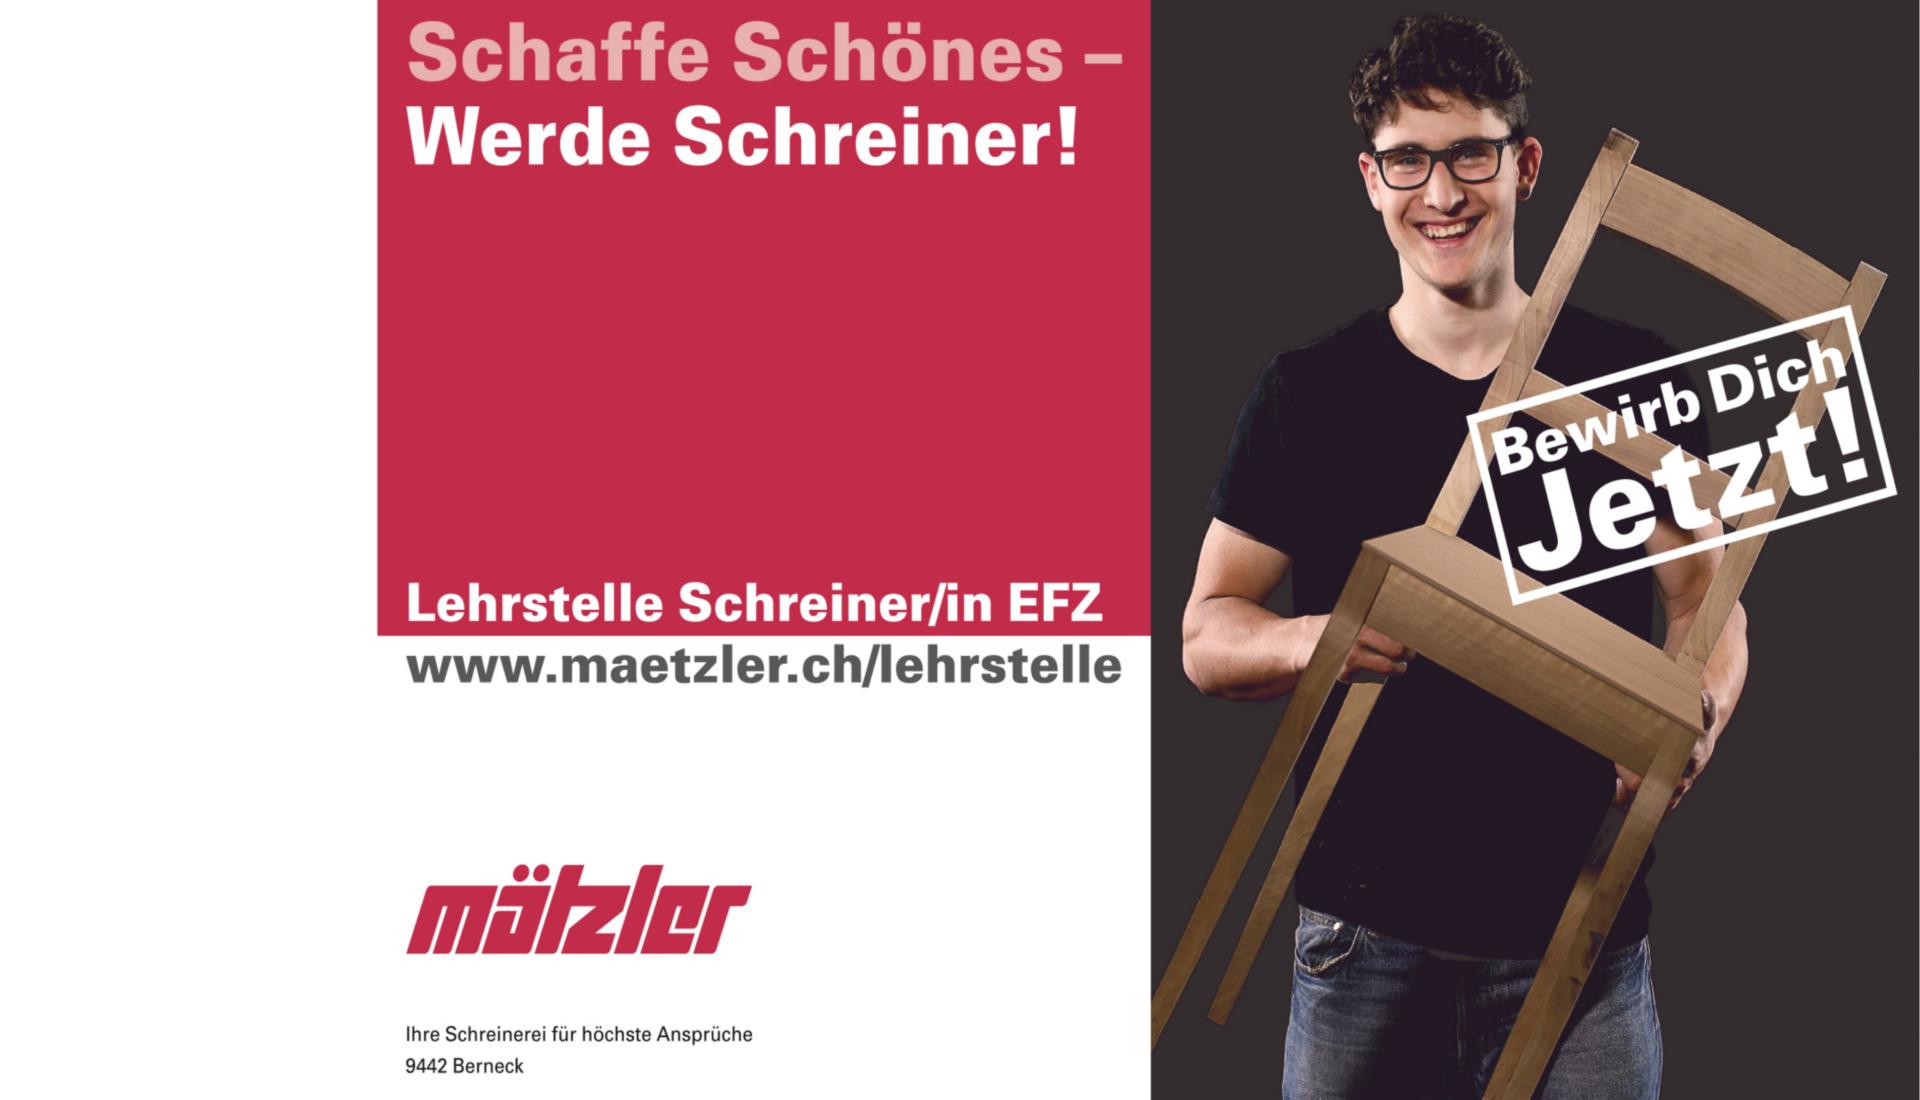 Lehrstelle Schreiner St. Gallen